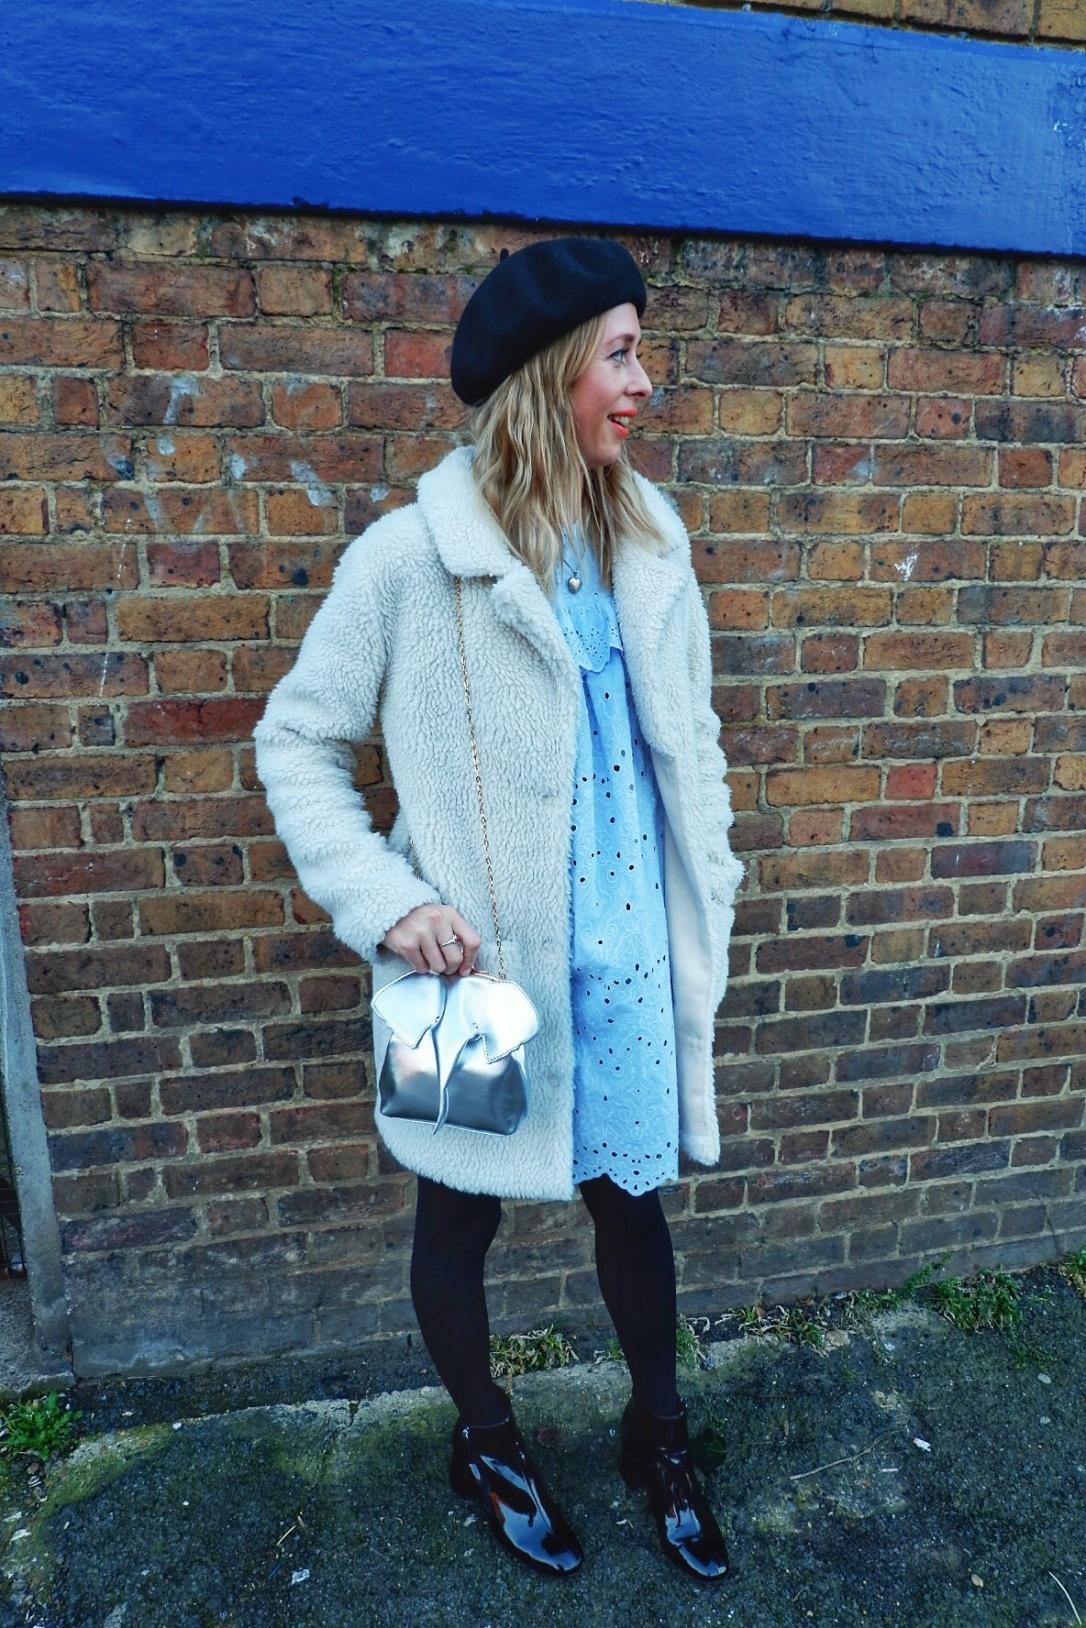 Handm fashion fashion blogger style wiw